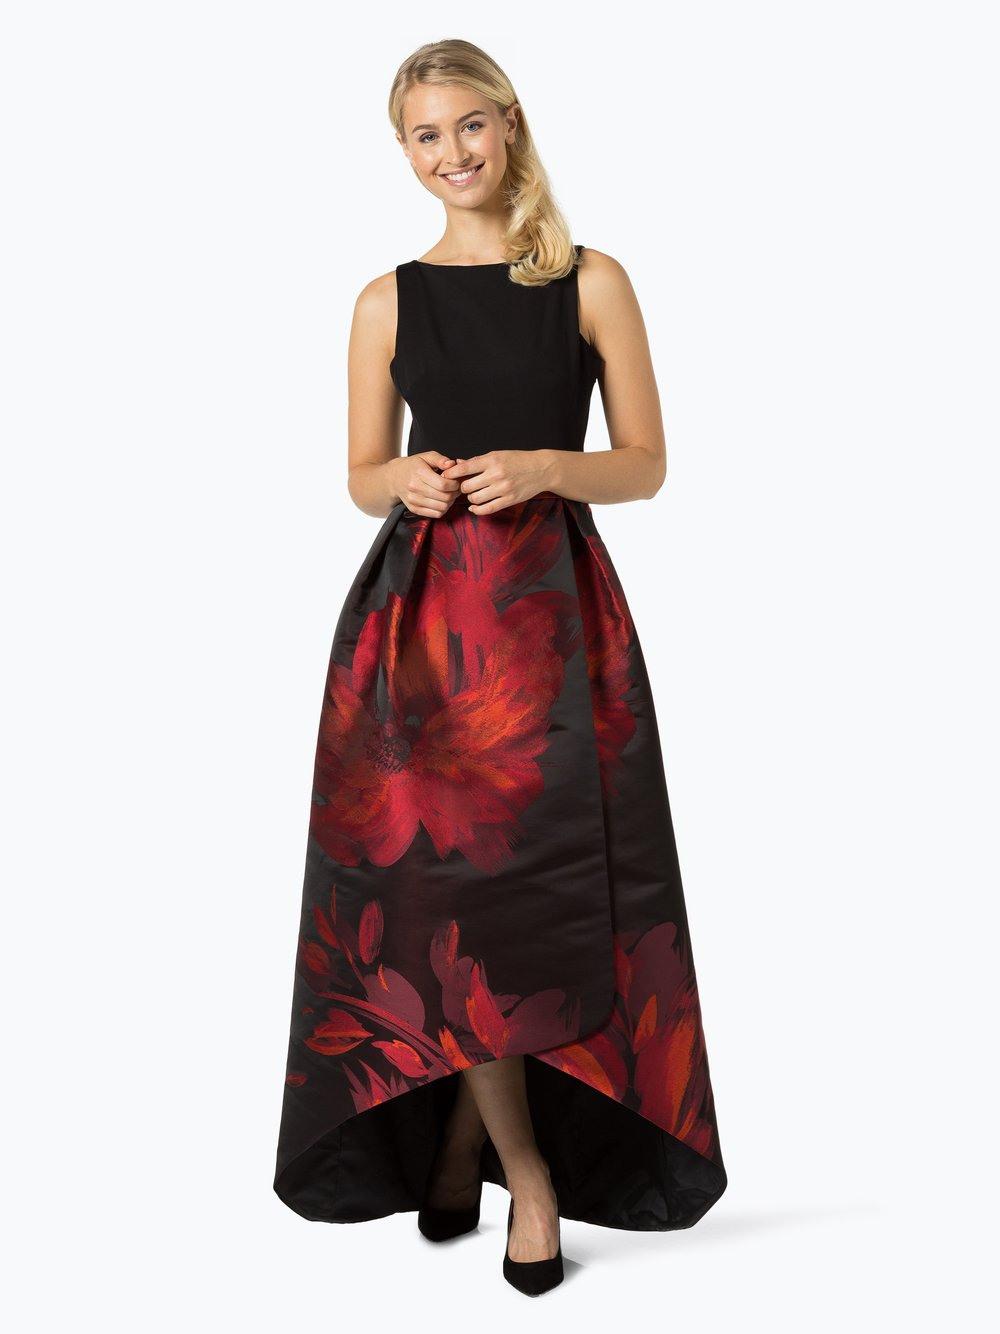 Schön Coast Abendkleid Vertrieb15 Luxus Coast Abendkleid Ärmel